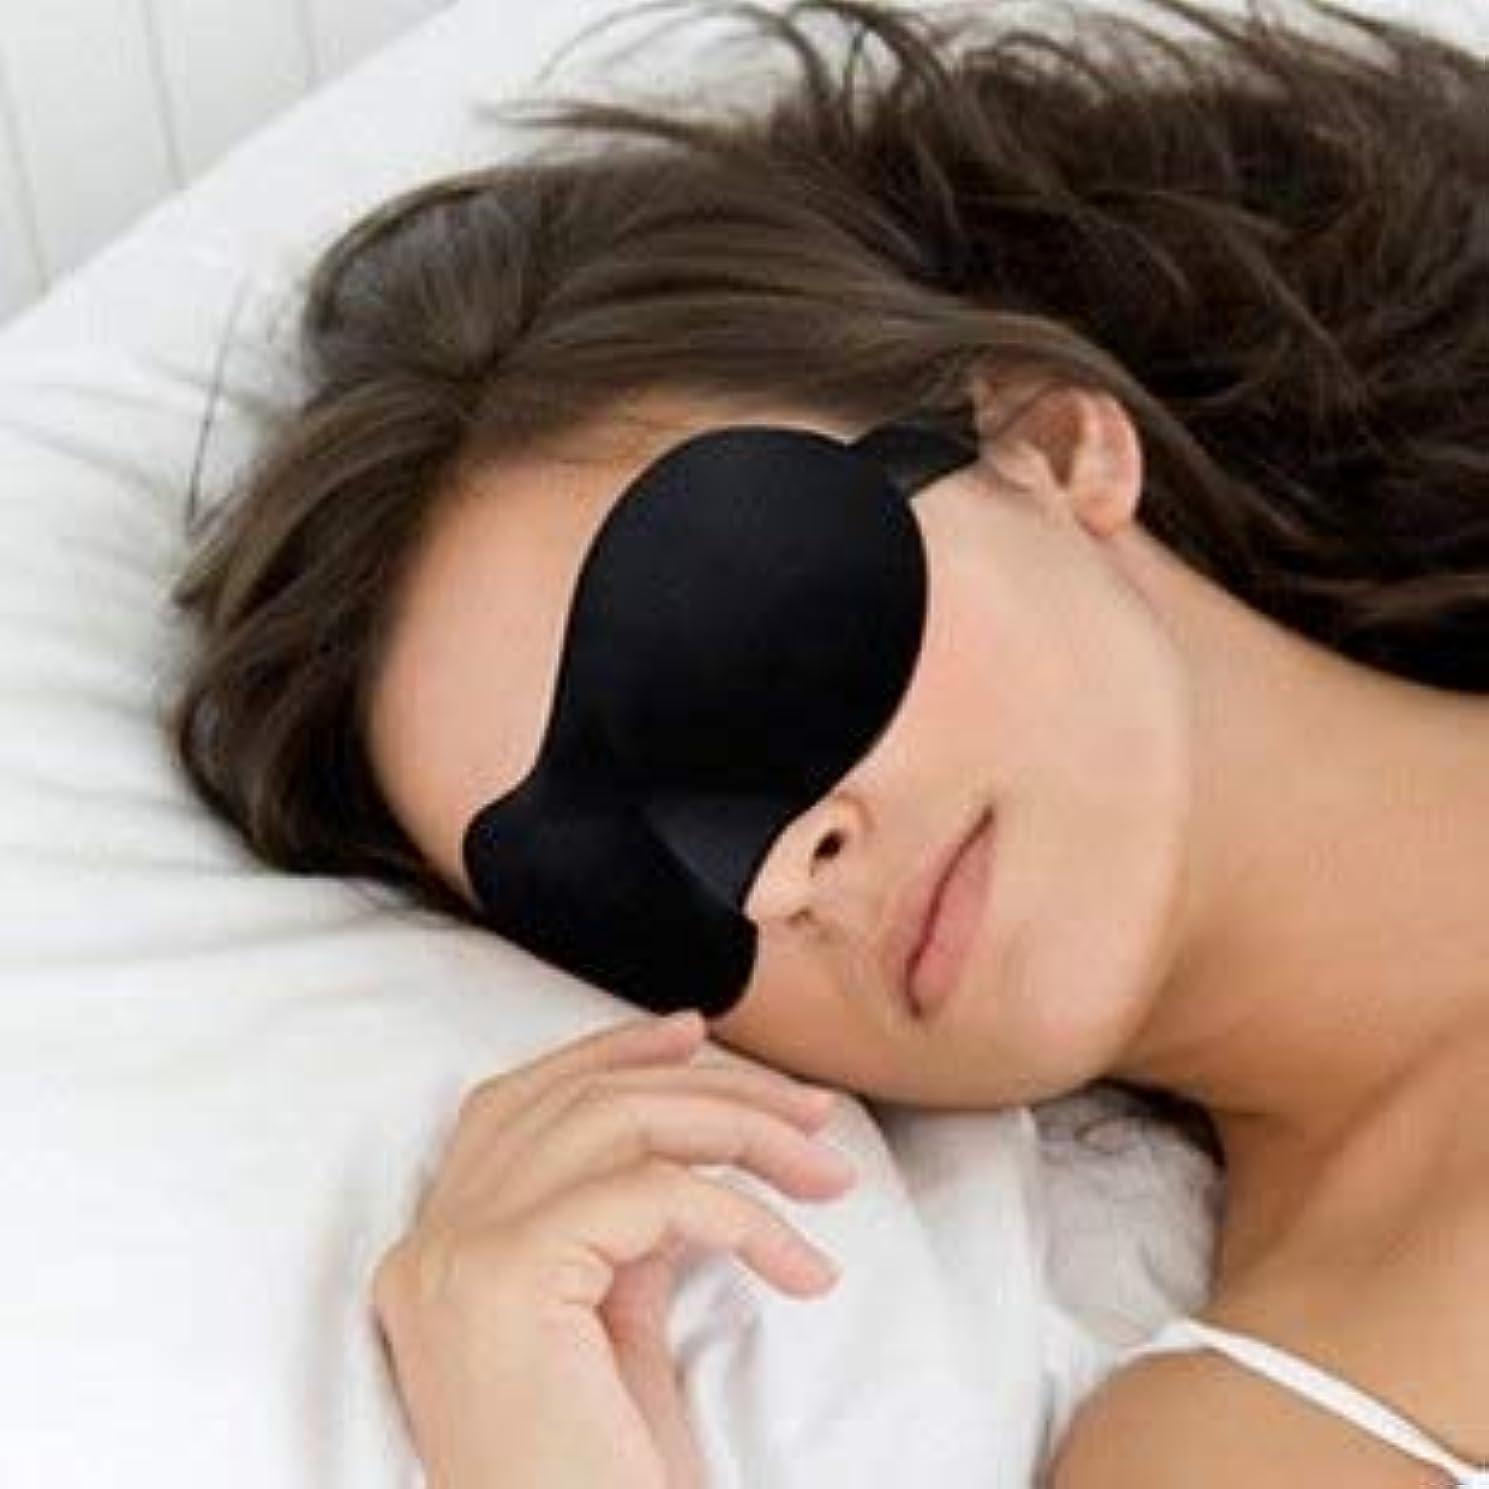 自分自身逃れる土曜日注5ピーストラベルレスト3dポータブルソフトトラベルスリープレストアイマスクアイパッチ睡眠マスク健康目隠しアイシェード昼寝カバー